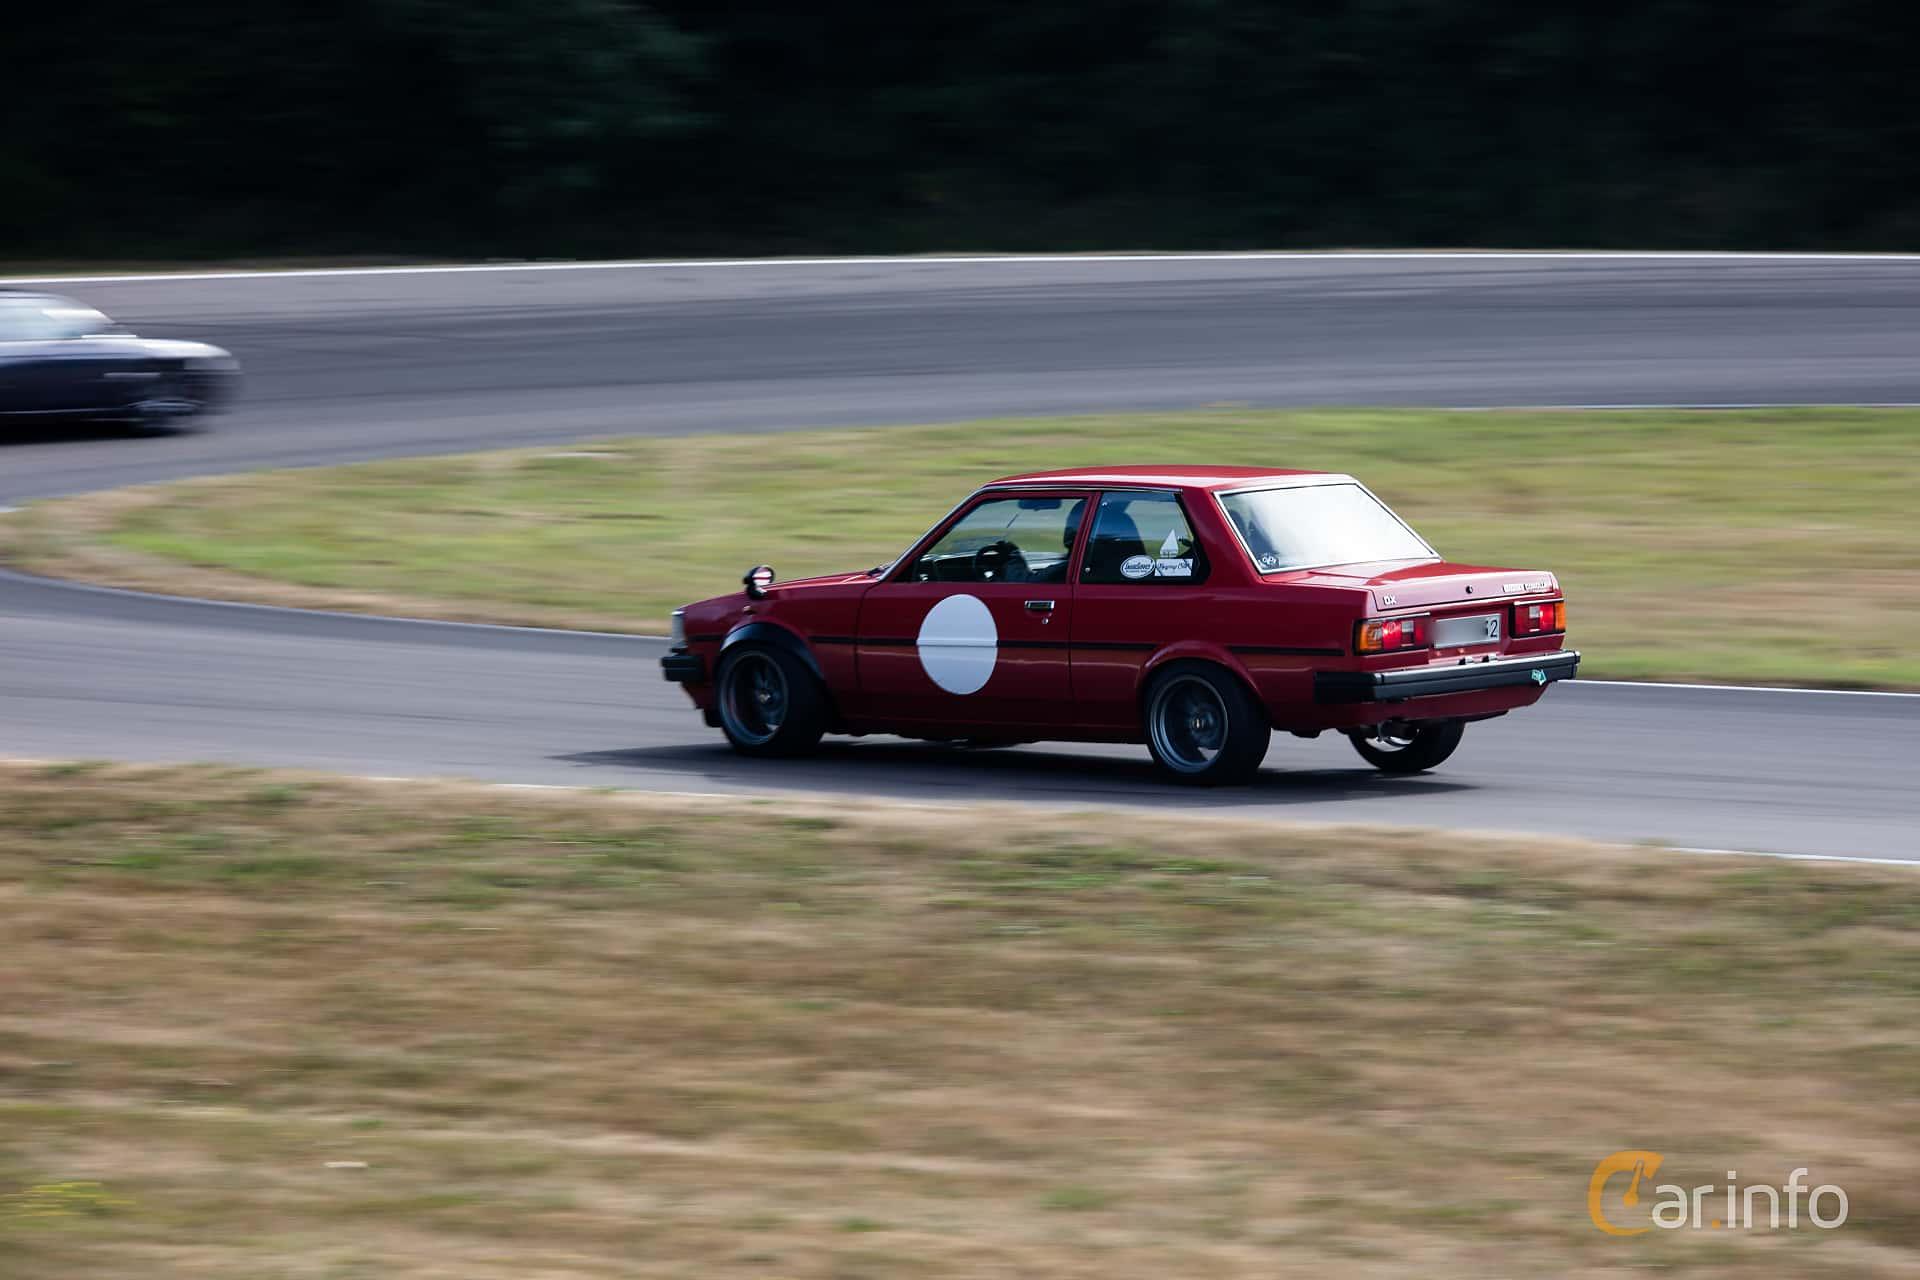 Toyota Corolla 2-dörrar Sedan 1.3 Manuell, 60hk, 1982 at JapTuning Trackday 2018 Knutstorp